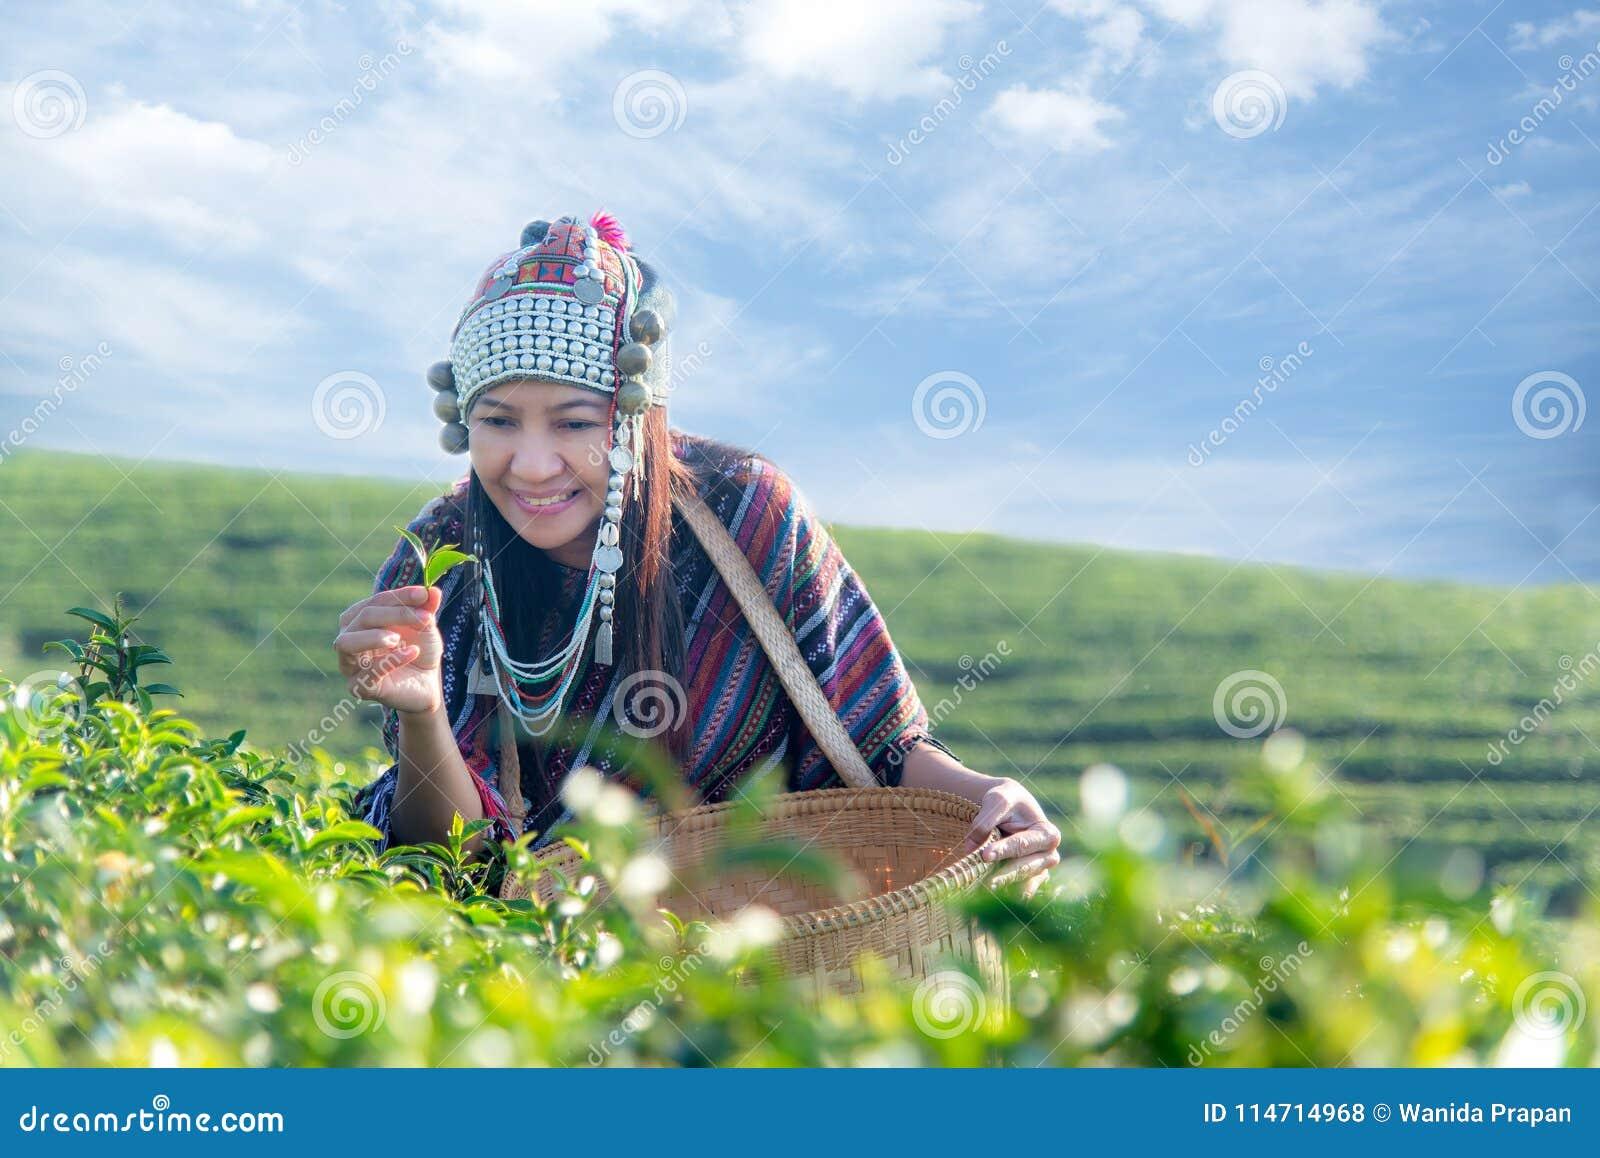 Женщины фермера работника Азии выбирали листья чая для традиций в утре восхода солнца на плантации чая